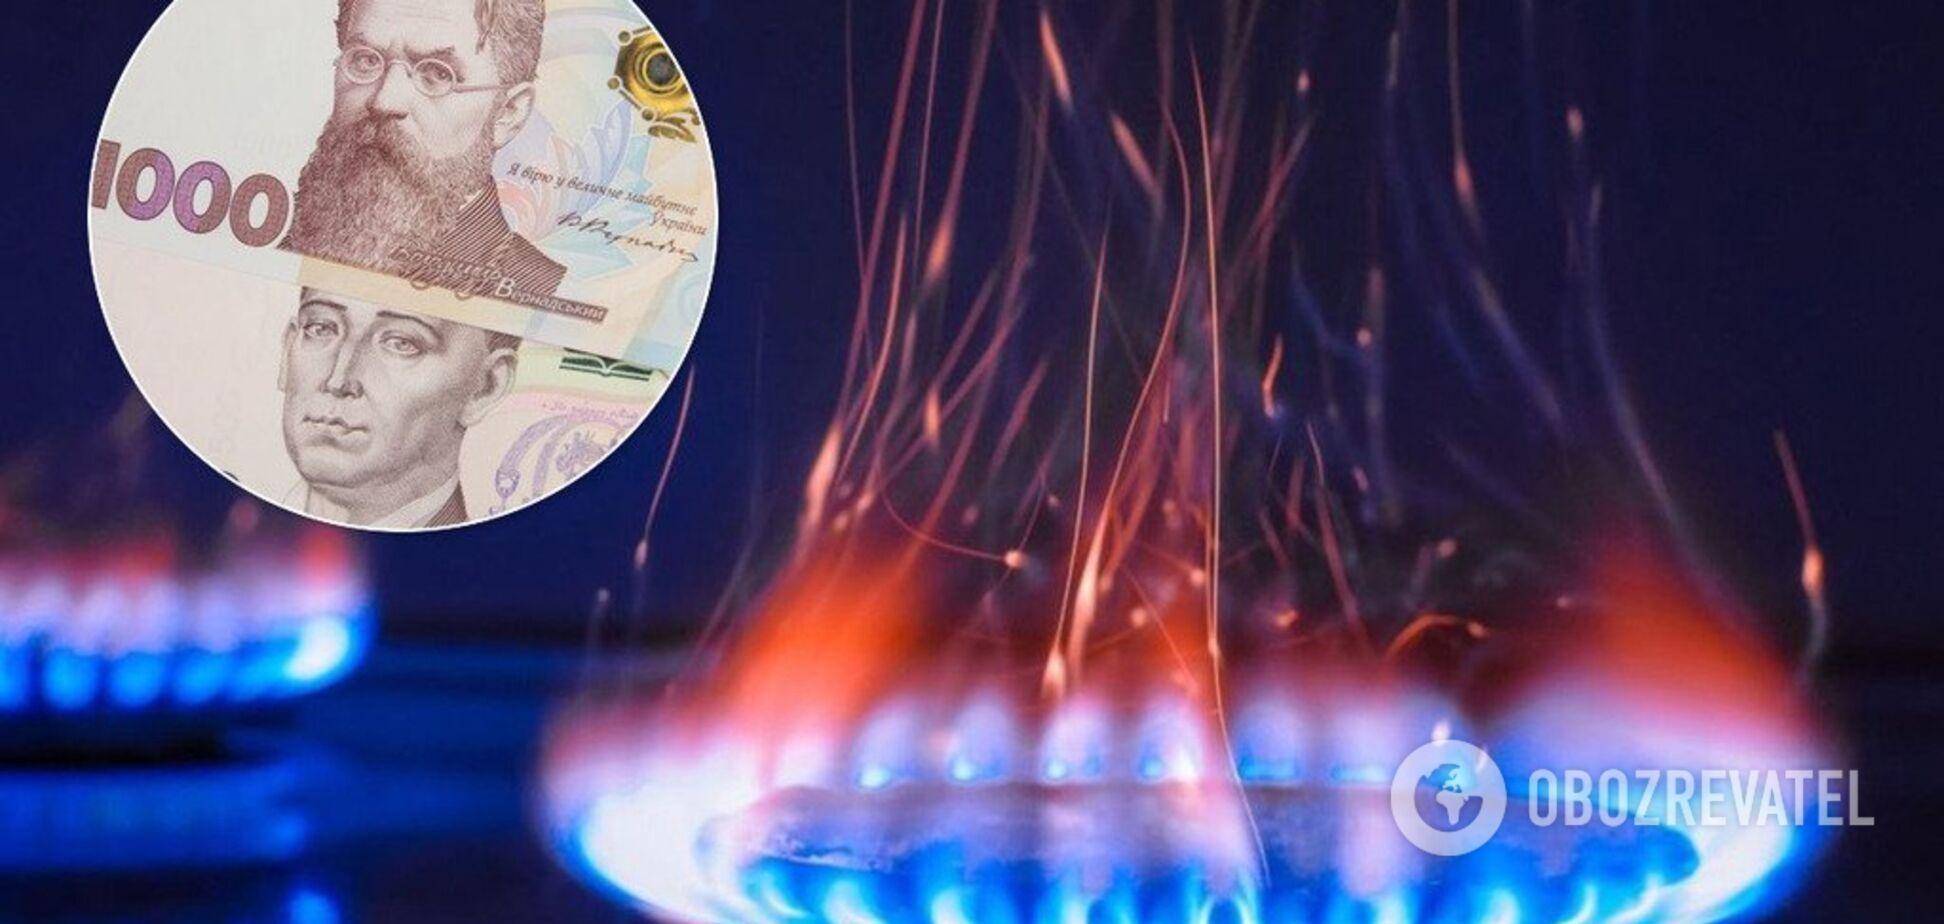 В Украине снизится цена на газ для населения: как будут считать